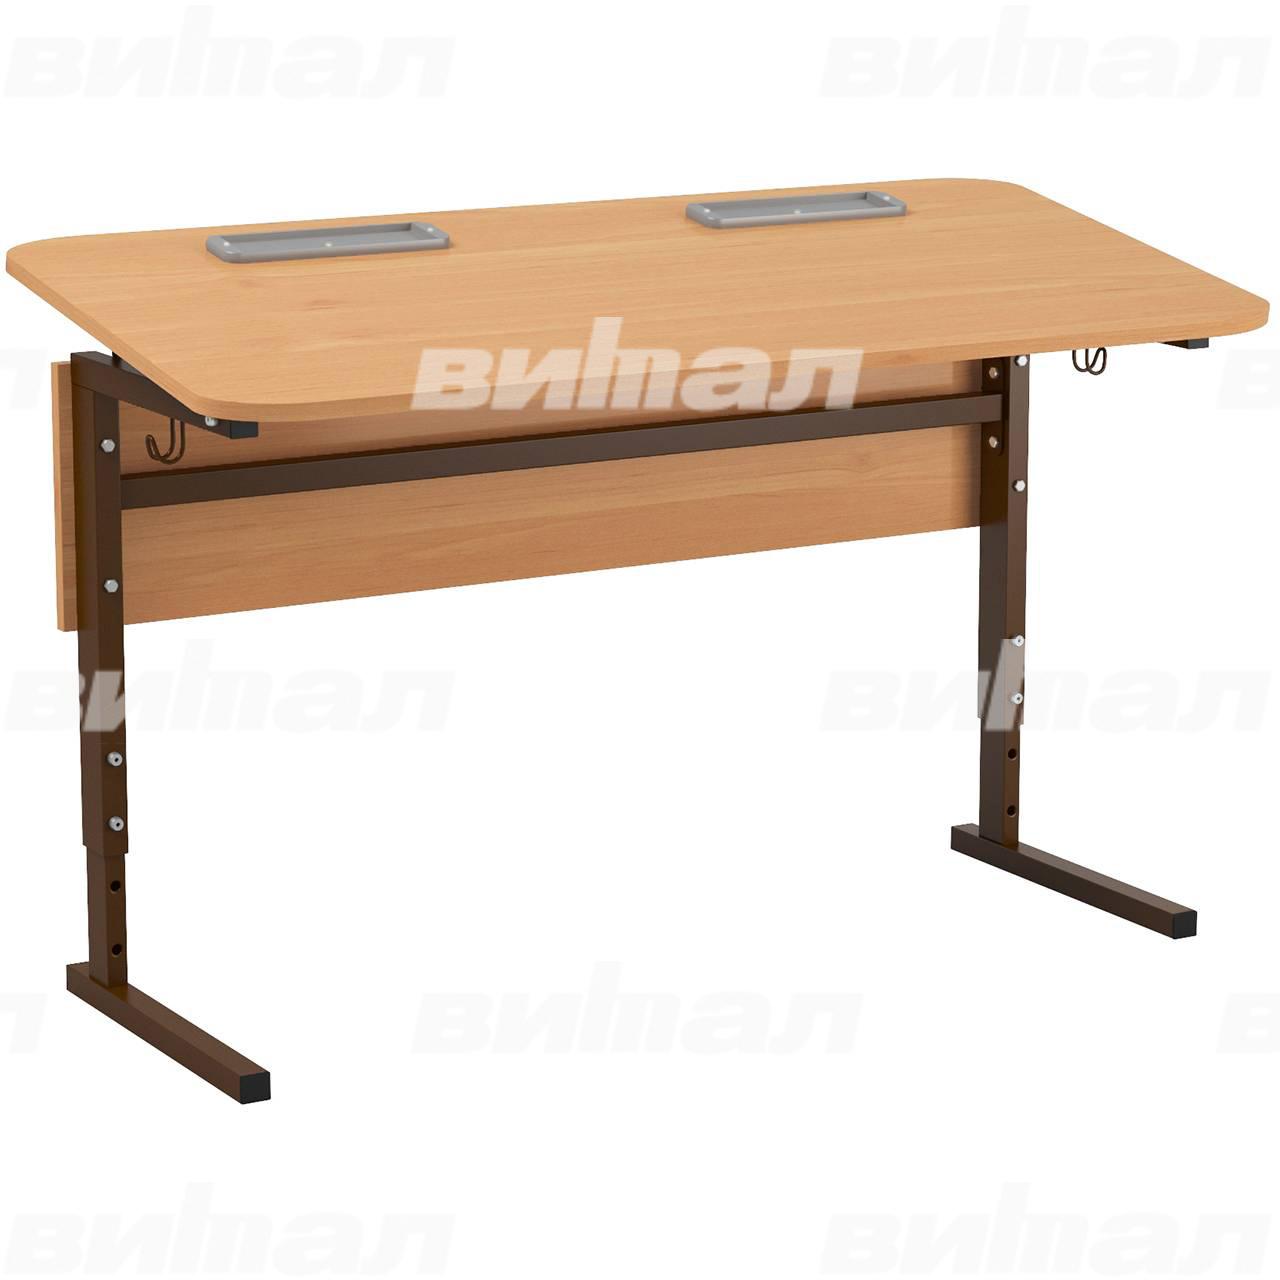 Стол 2-местный регулир. высота и наклон столешницы 0-10° (гр 2-4, 3-5, 4-6 или 5-7) коричневый Ольха 5-7 Меламин прямоугольная